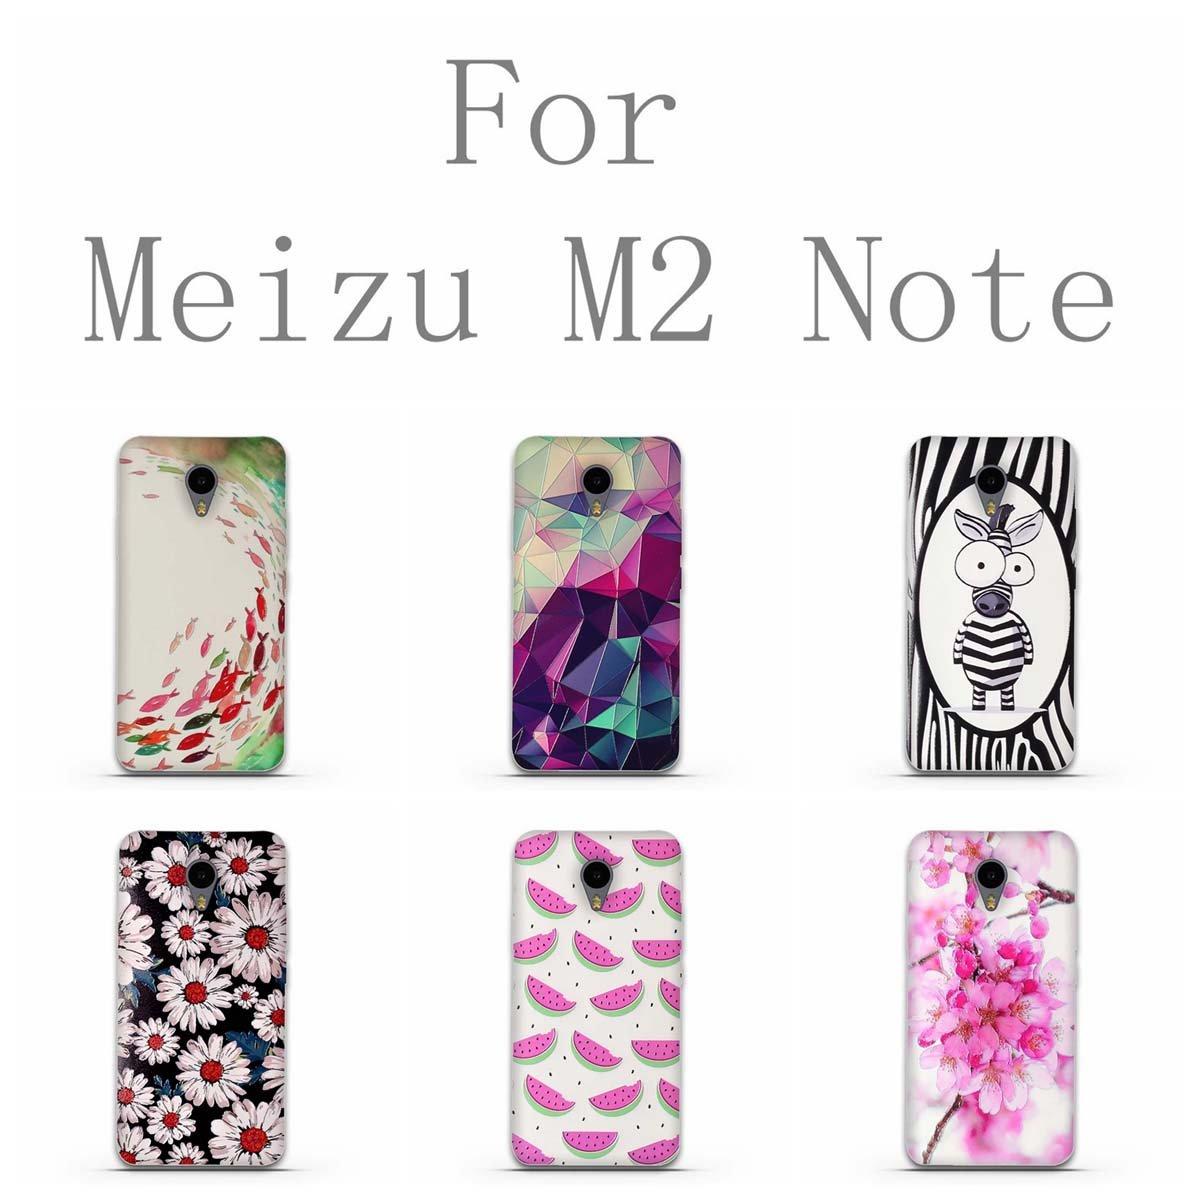 Funda Meizu M2 Note-Fubaoda-3D Realzar,Moda Patr/ón,Gel de Silicona TPU,Fina,Flexible,Resistente a los ara/ñazos en su Parte Trasera,Amortigua los Golpes,Funda Protectora Anti-Golpes para Meizu M2 Note